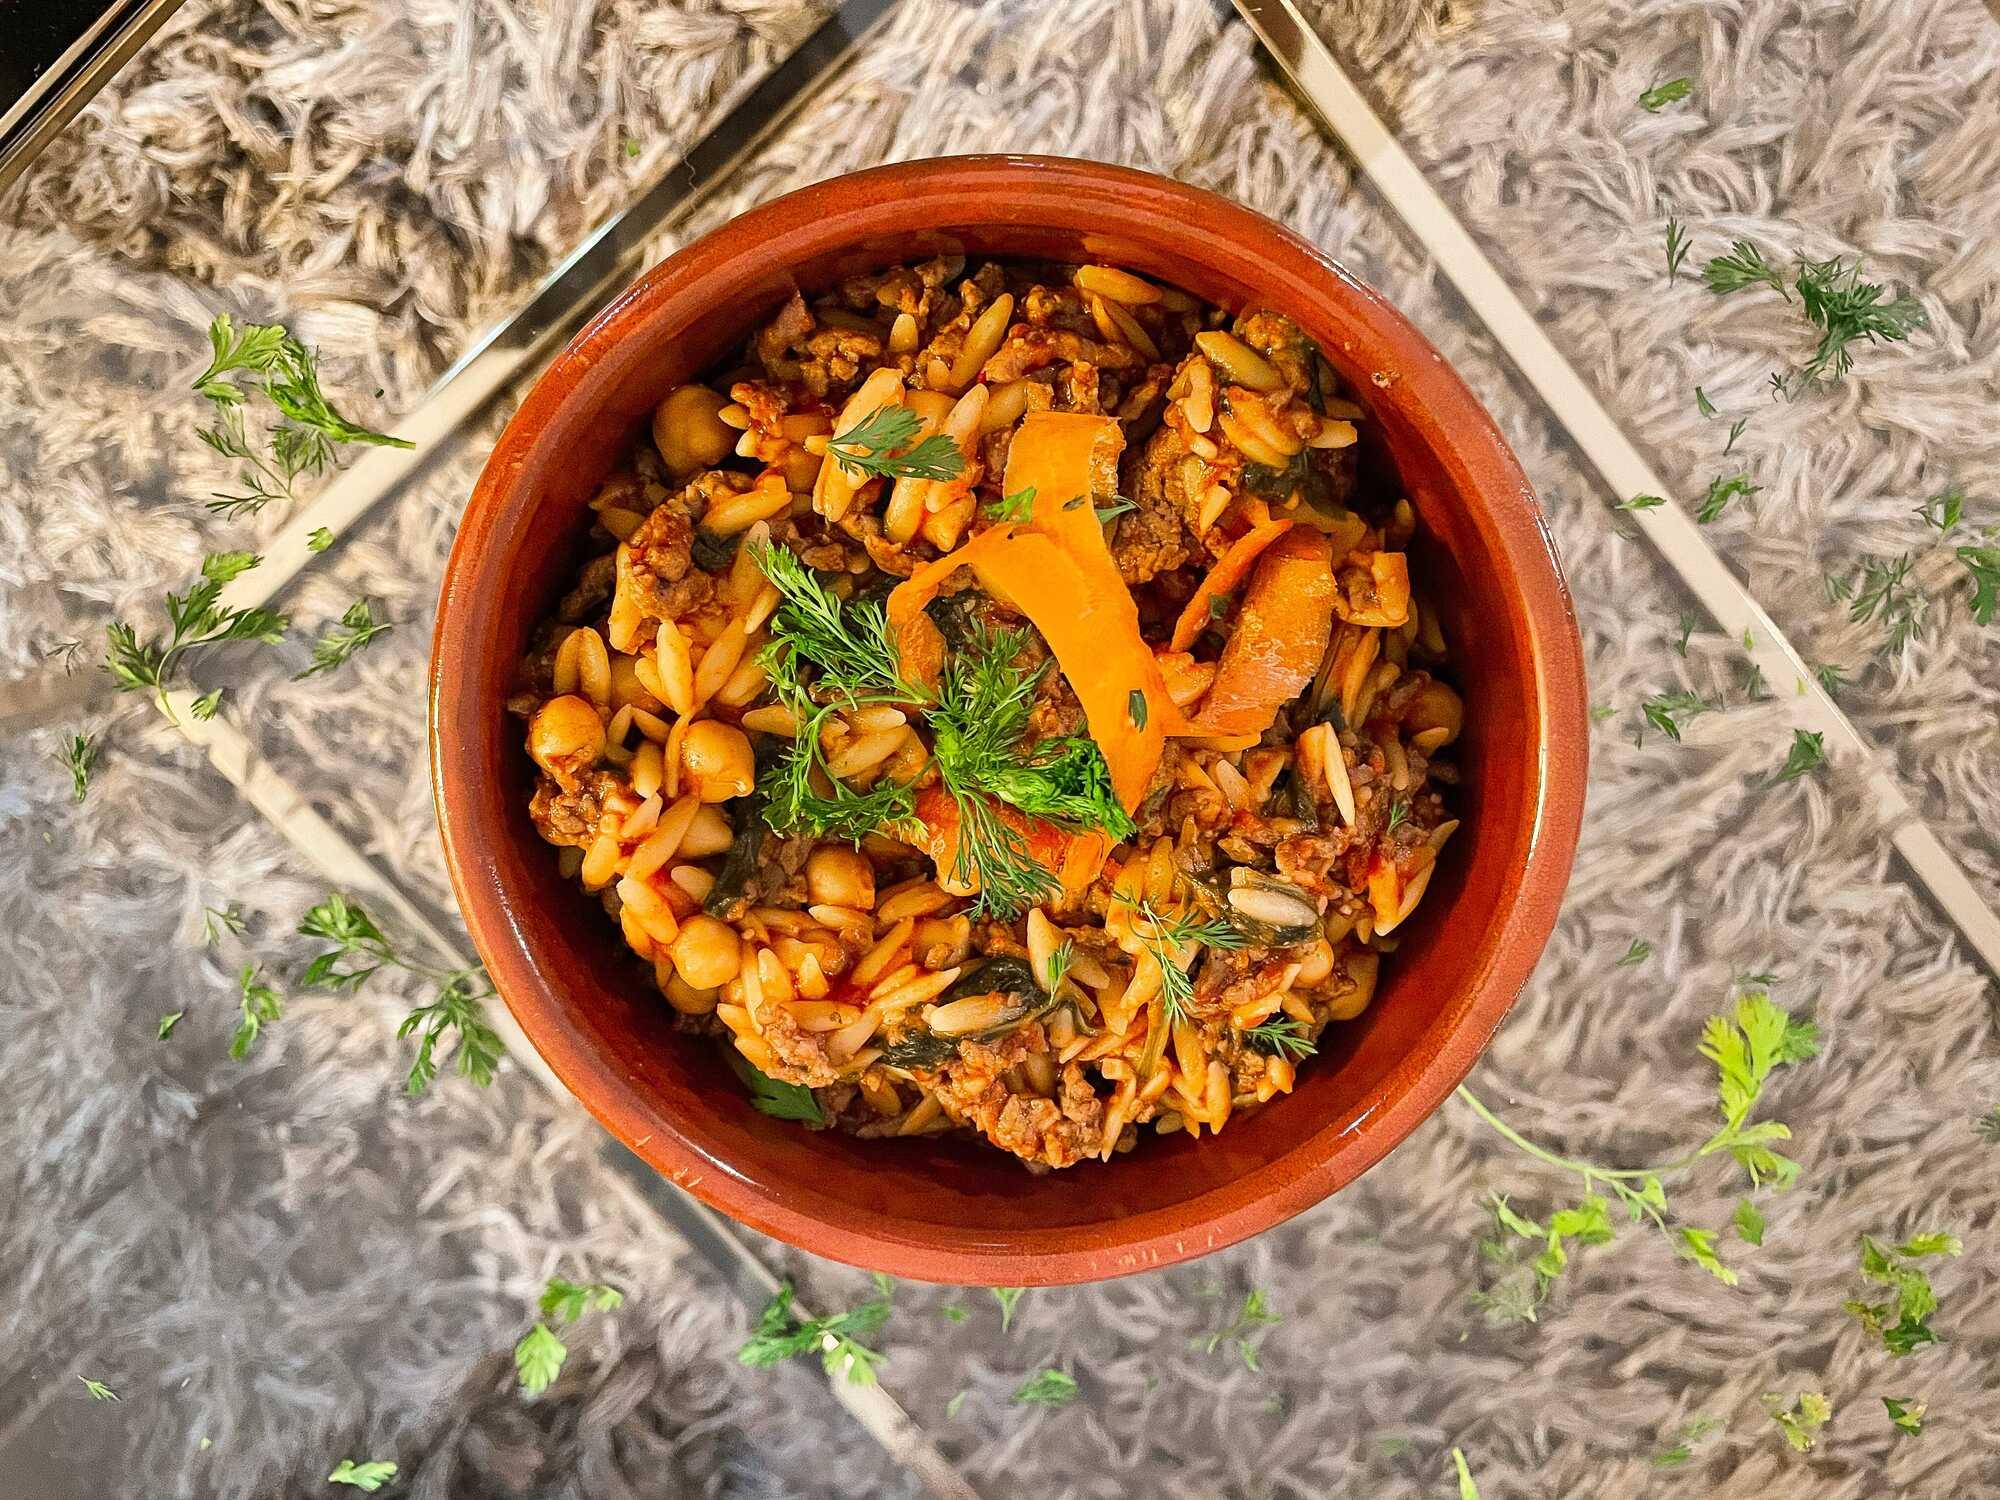 Le one pot orzo, épinards, boeuf et pois chiches est présenté dans un bol en céramique marron sur une table transparente.